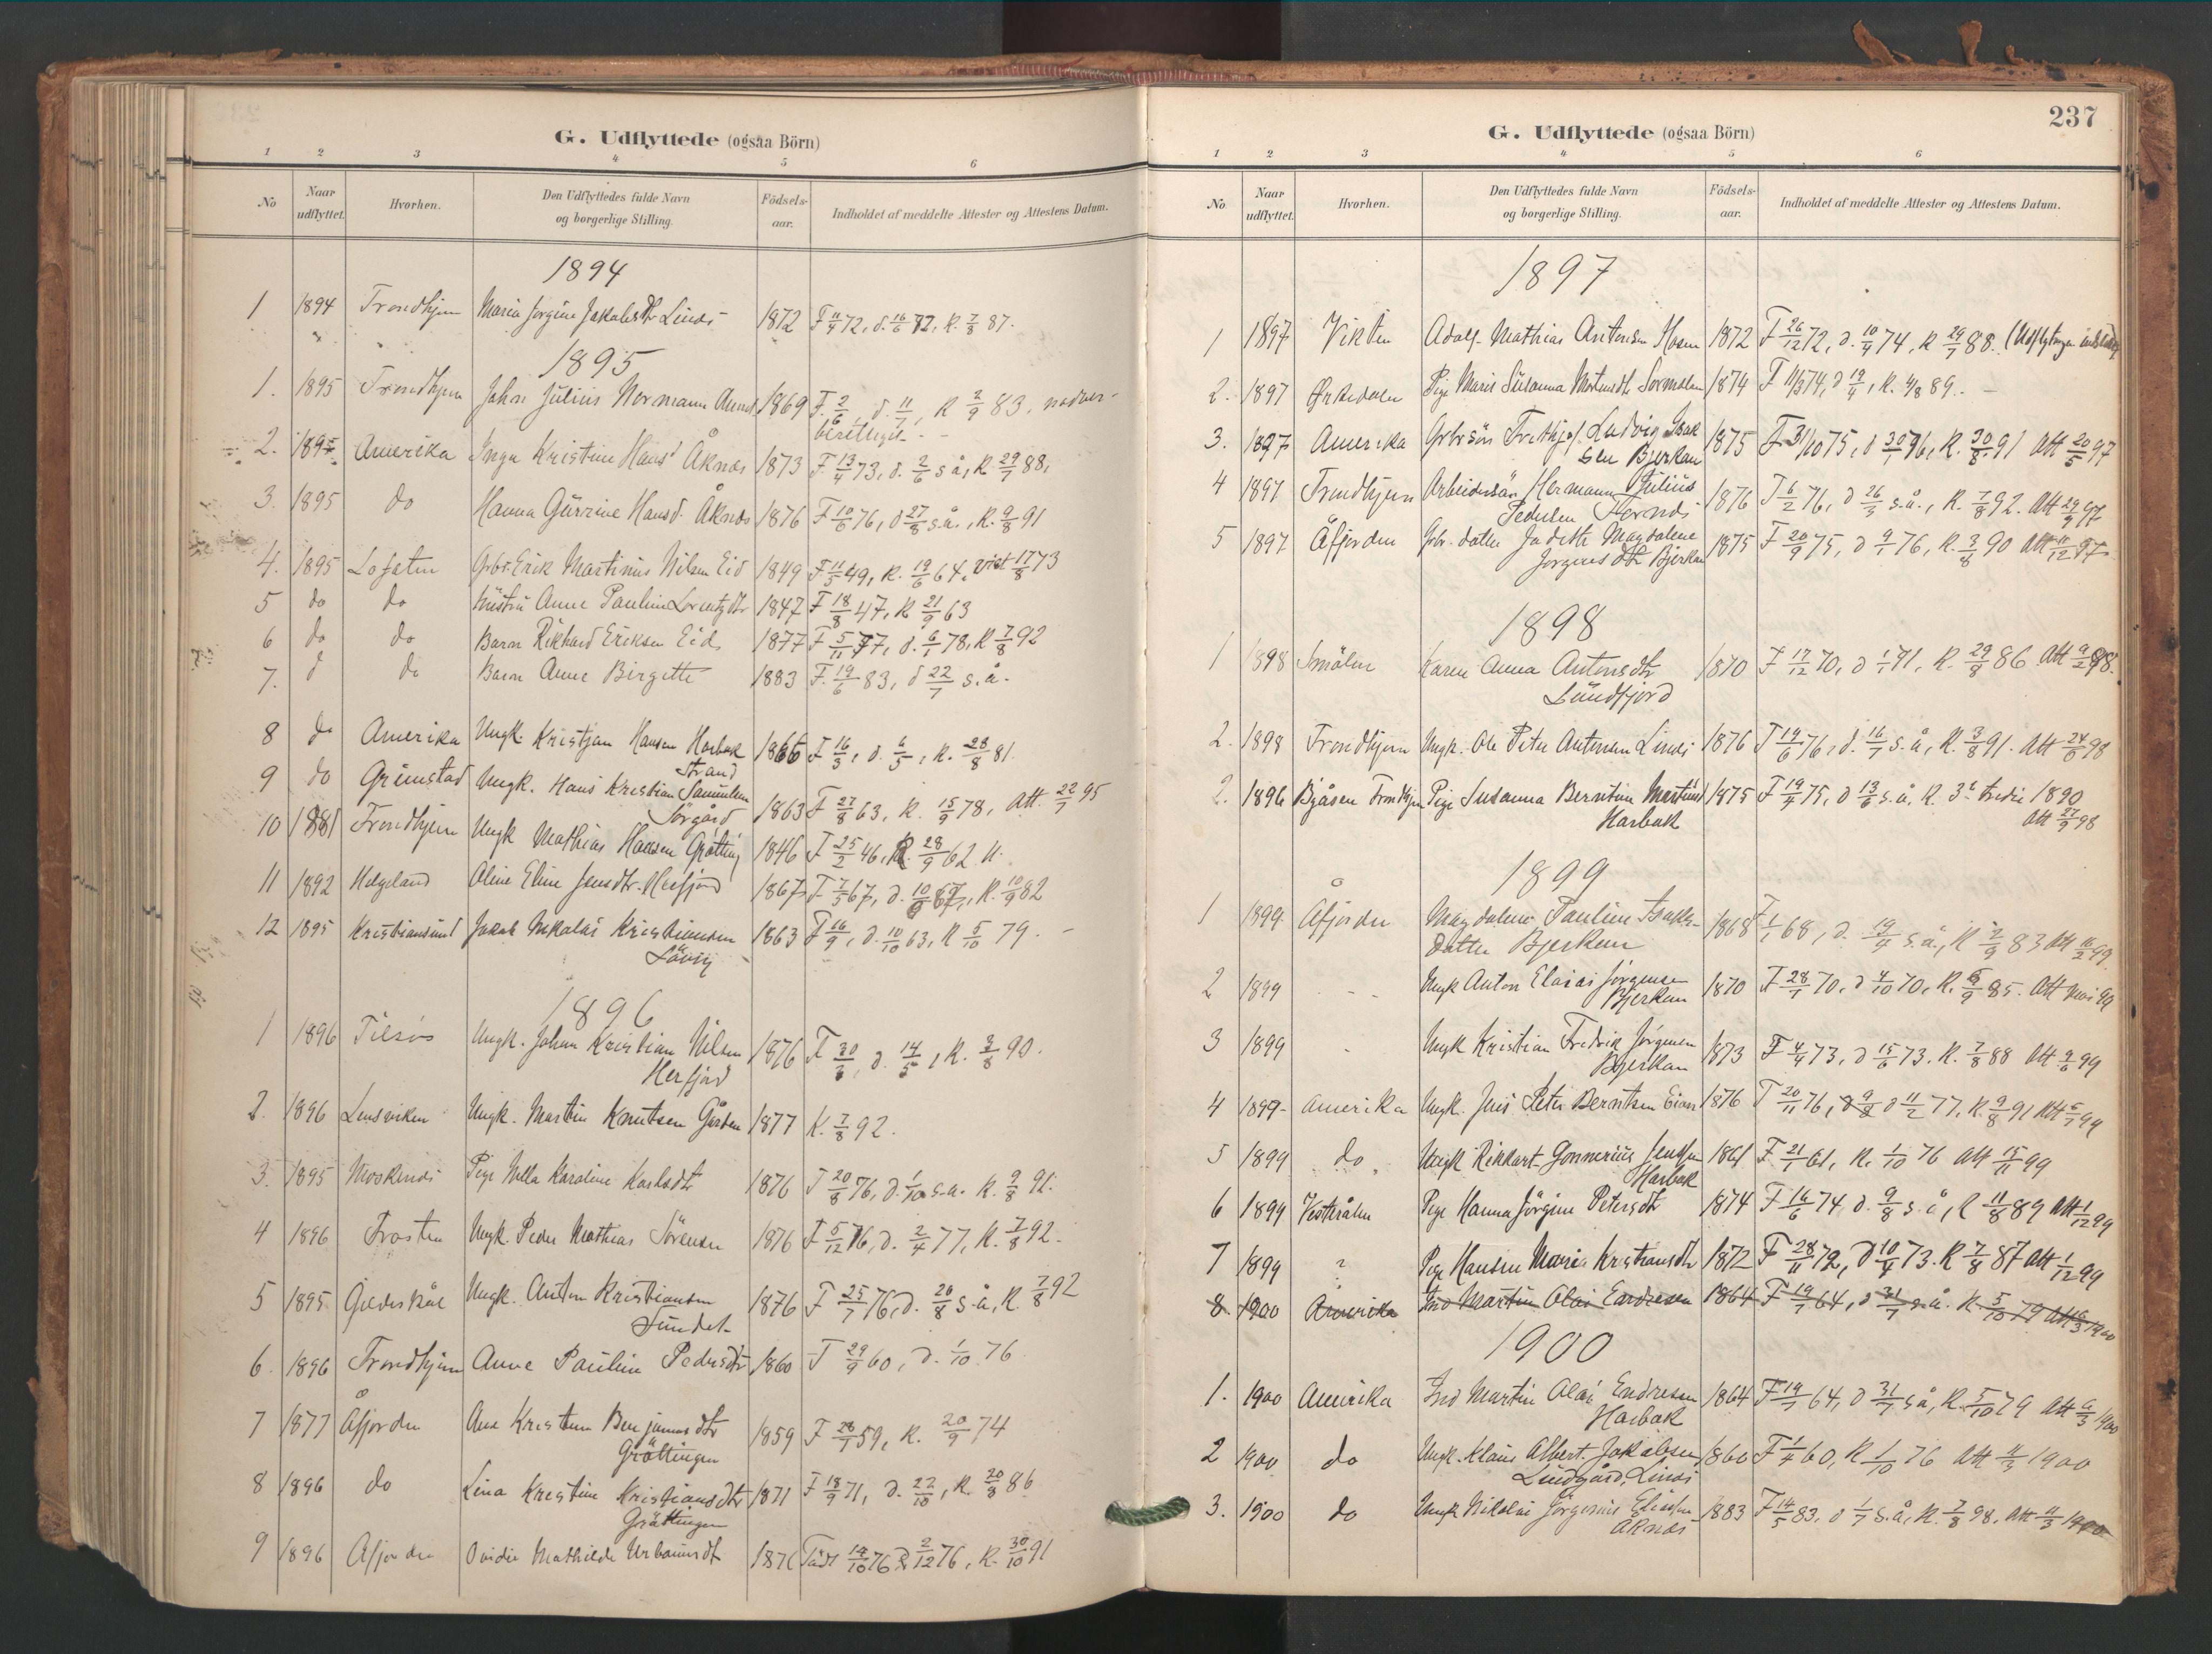 SAT, Ministerialprotokoller, klokkerbøker og fødselsregistre - Sør-Trøndelag, 656/L0693: Ministerialbok nr. 656A02, 1894-1913, s. 237